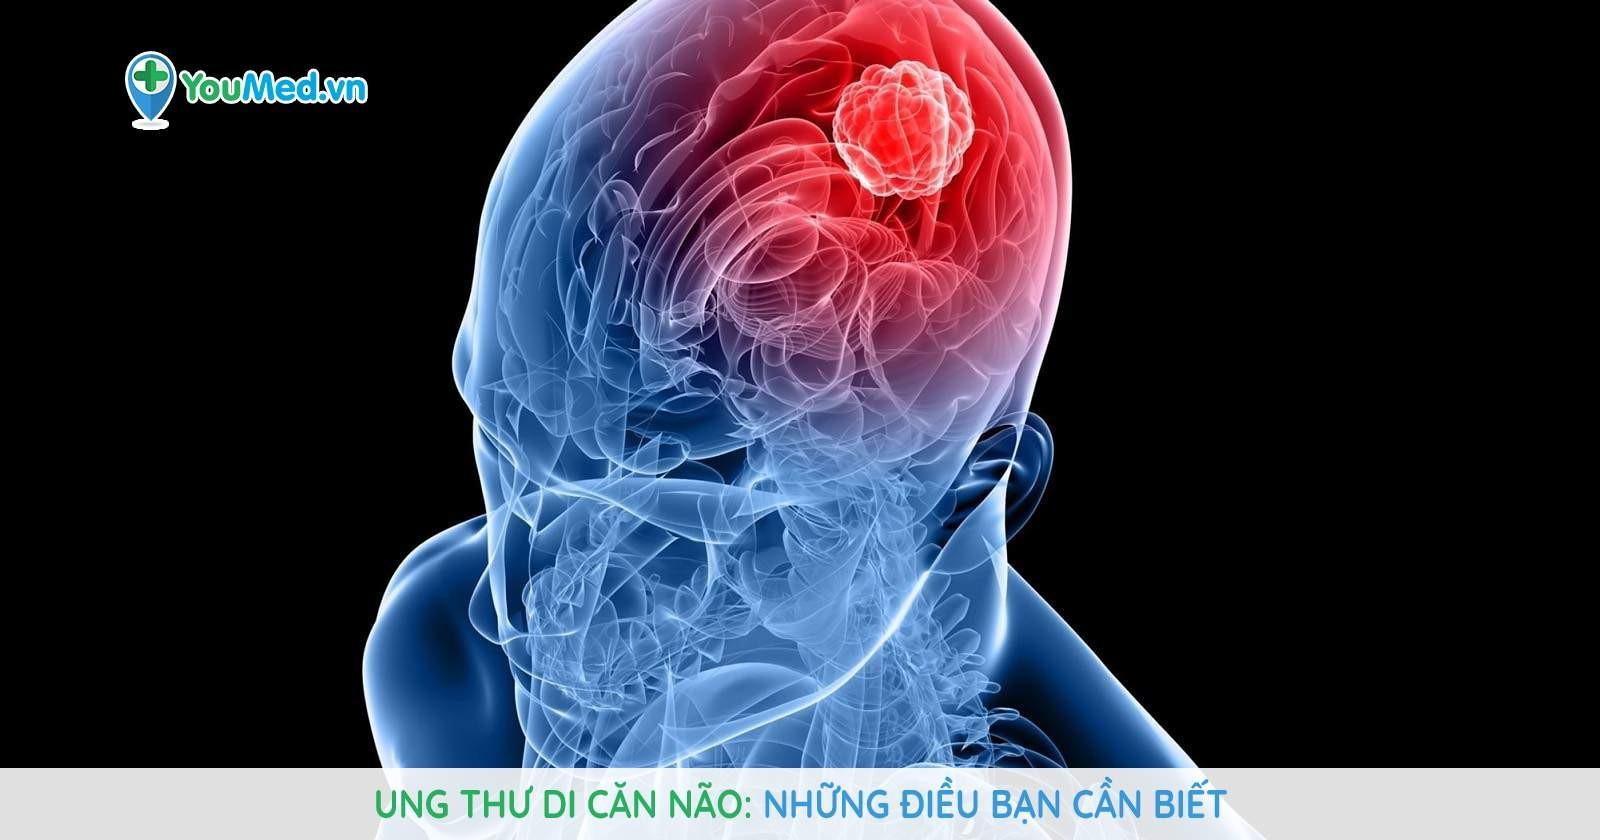 Ung thư di căn não - Những điều bạn cần biết